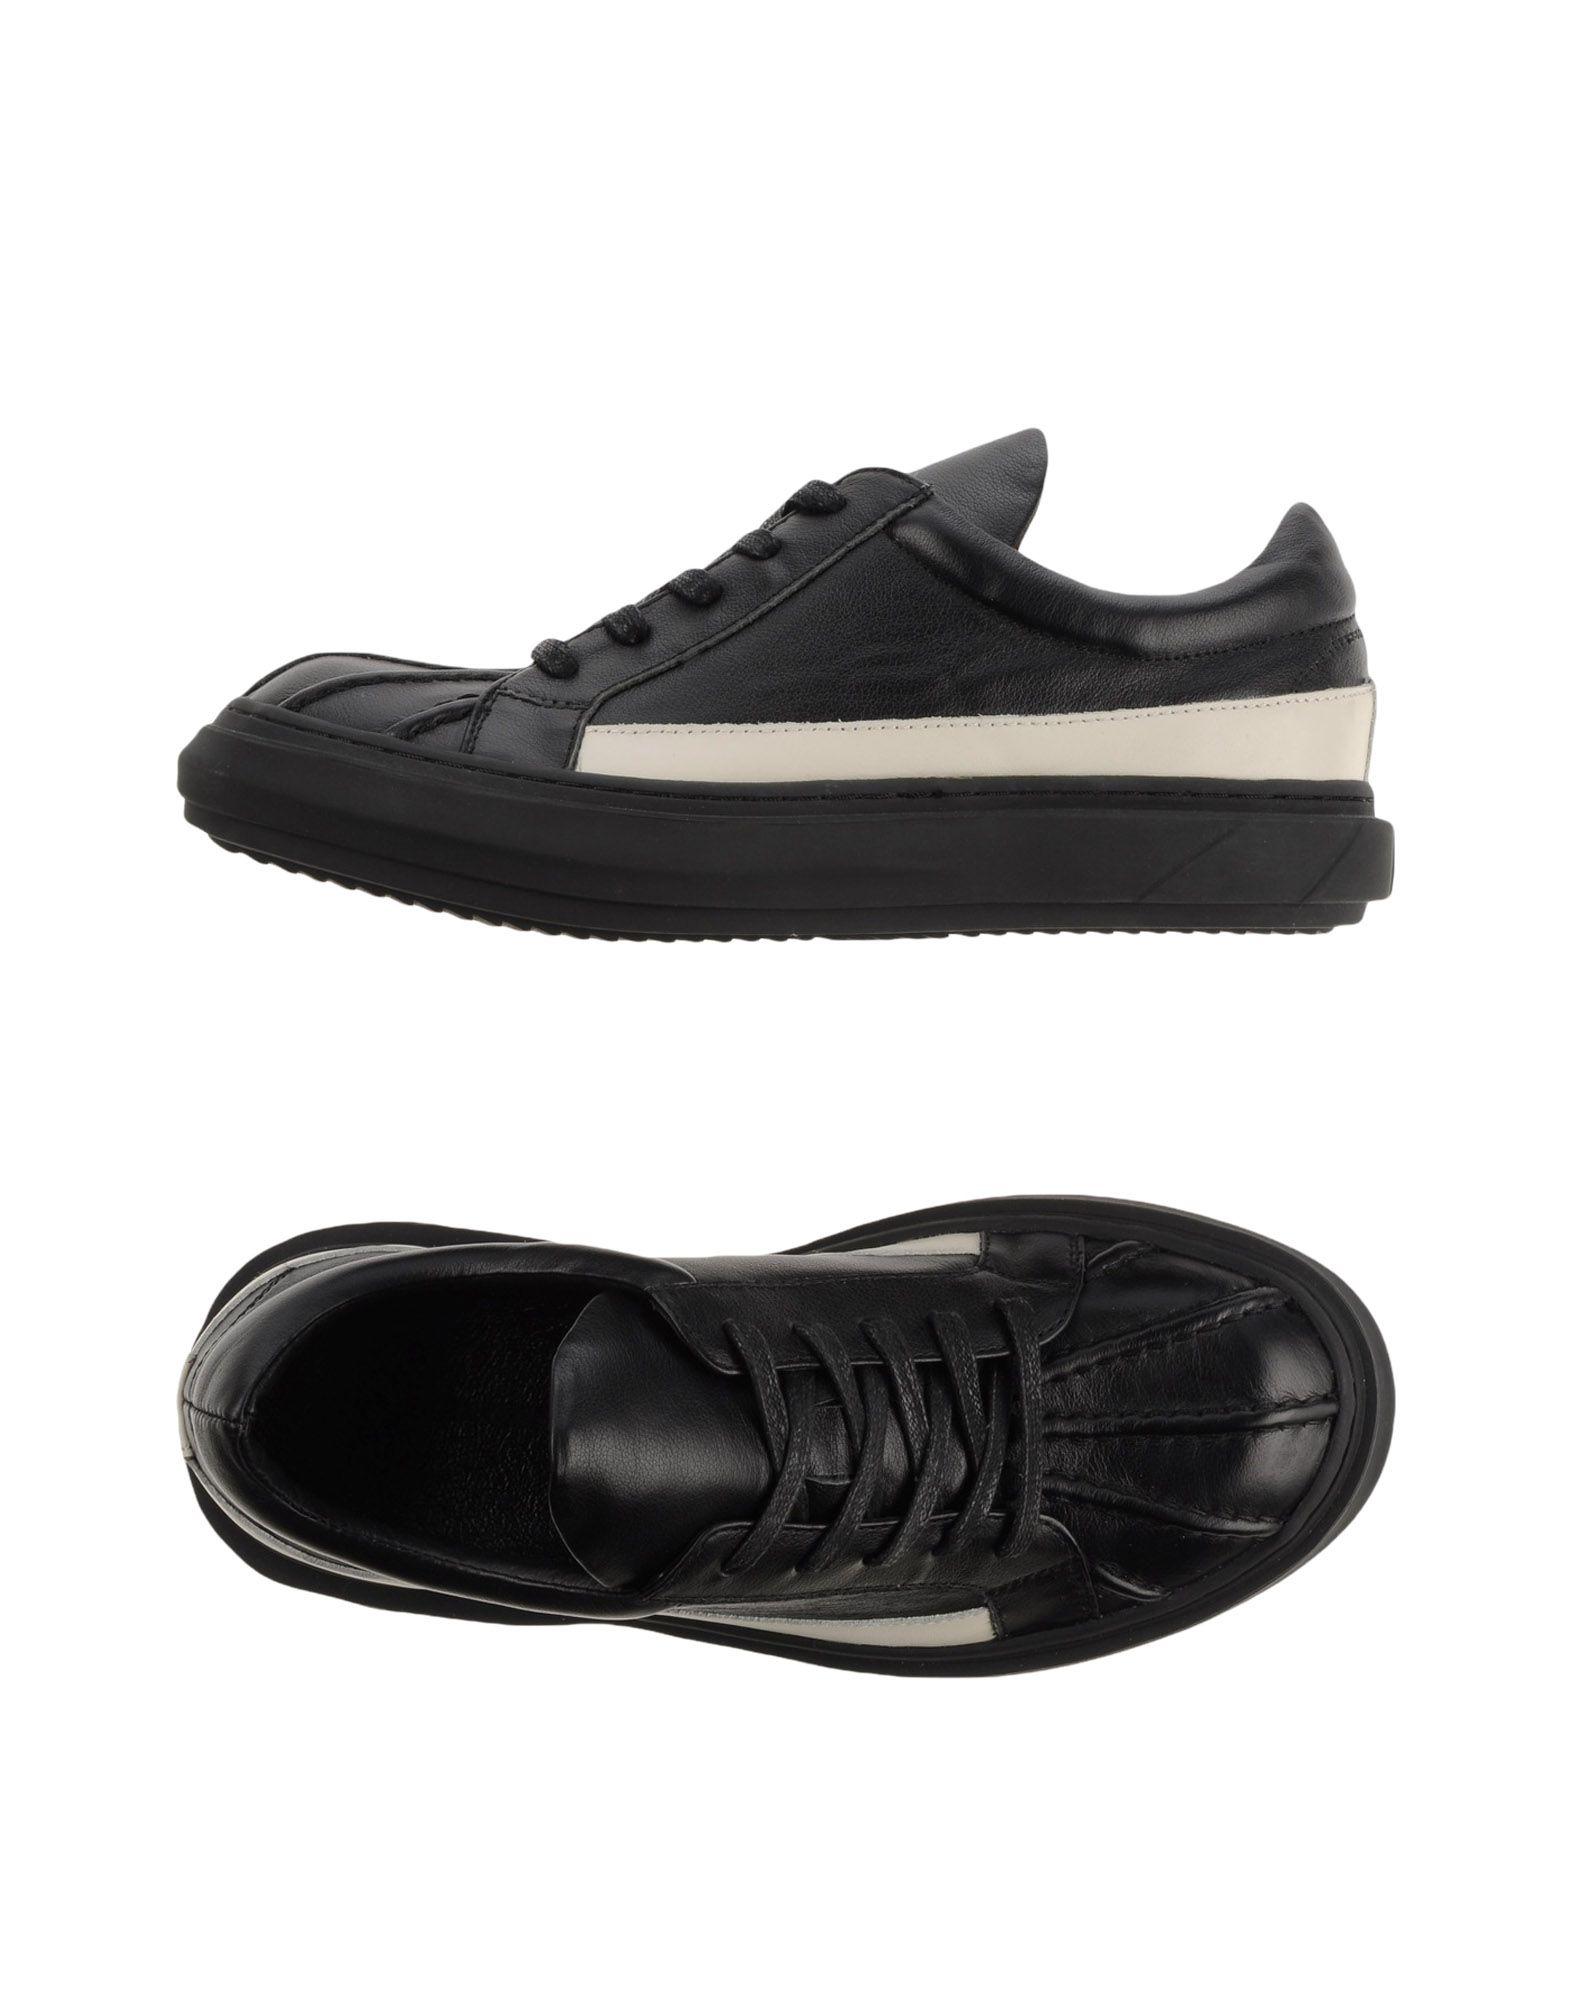 D.Gnak By Kang.D Sneakers Herren  11107857SH Gute Gute 11107857SH Qualität beliebte Schuhe ca467e